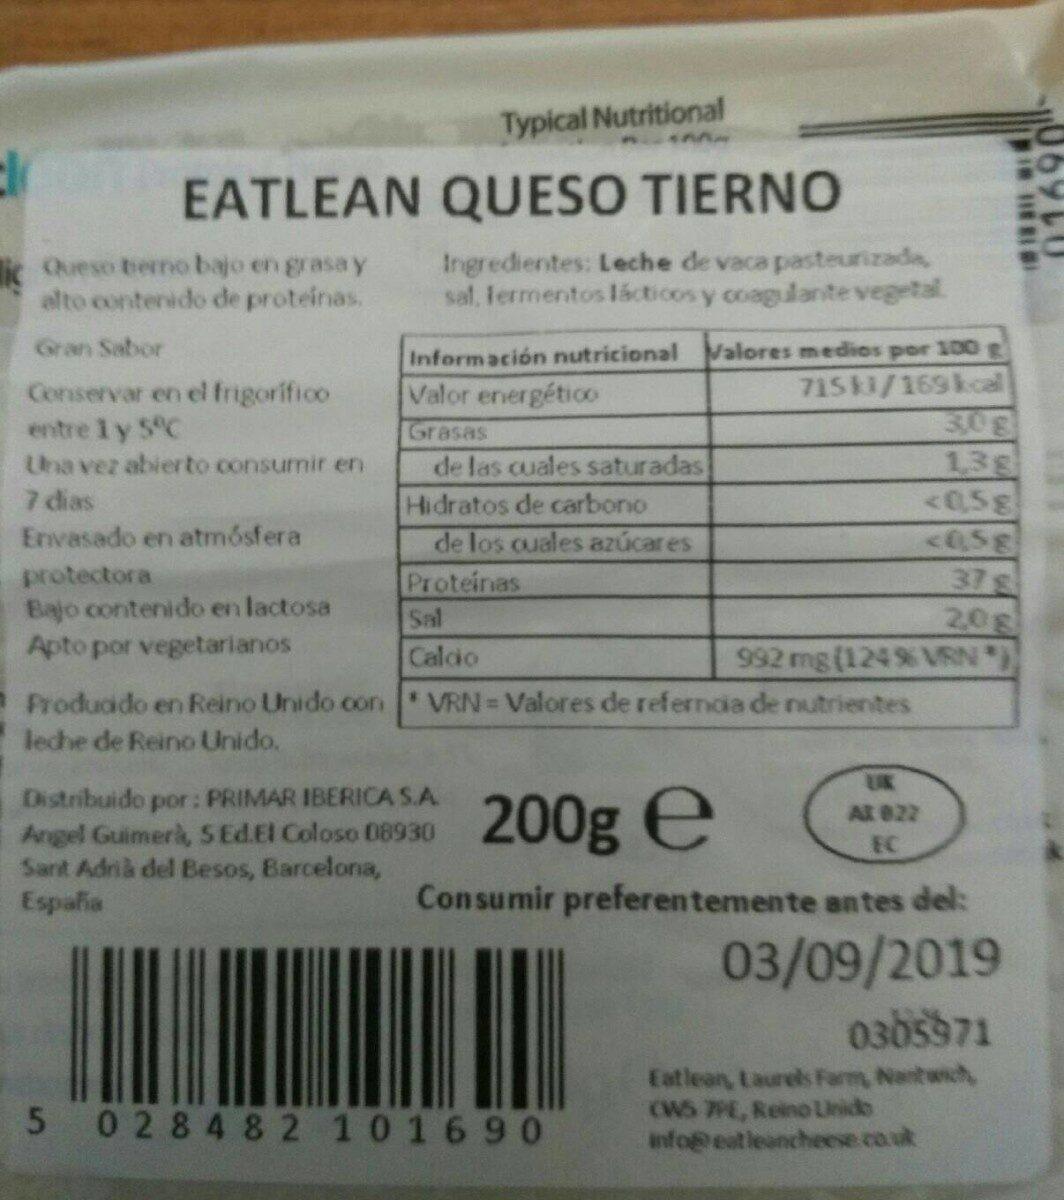 Eatlean queso tierno - Informació nutricional - en